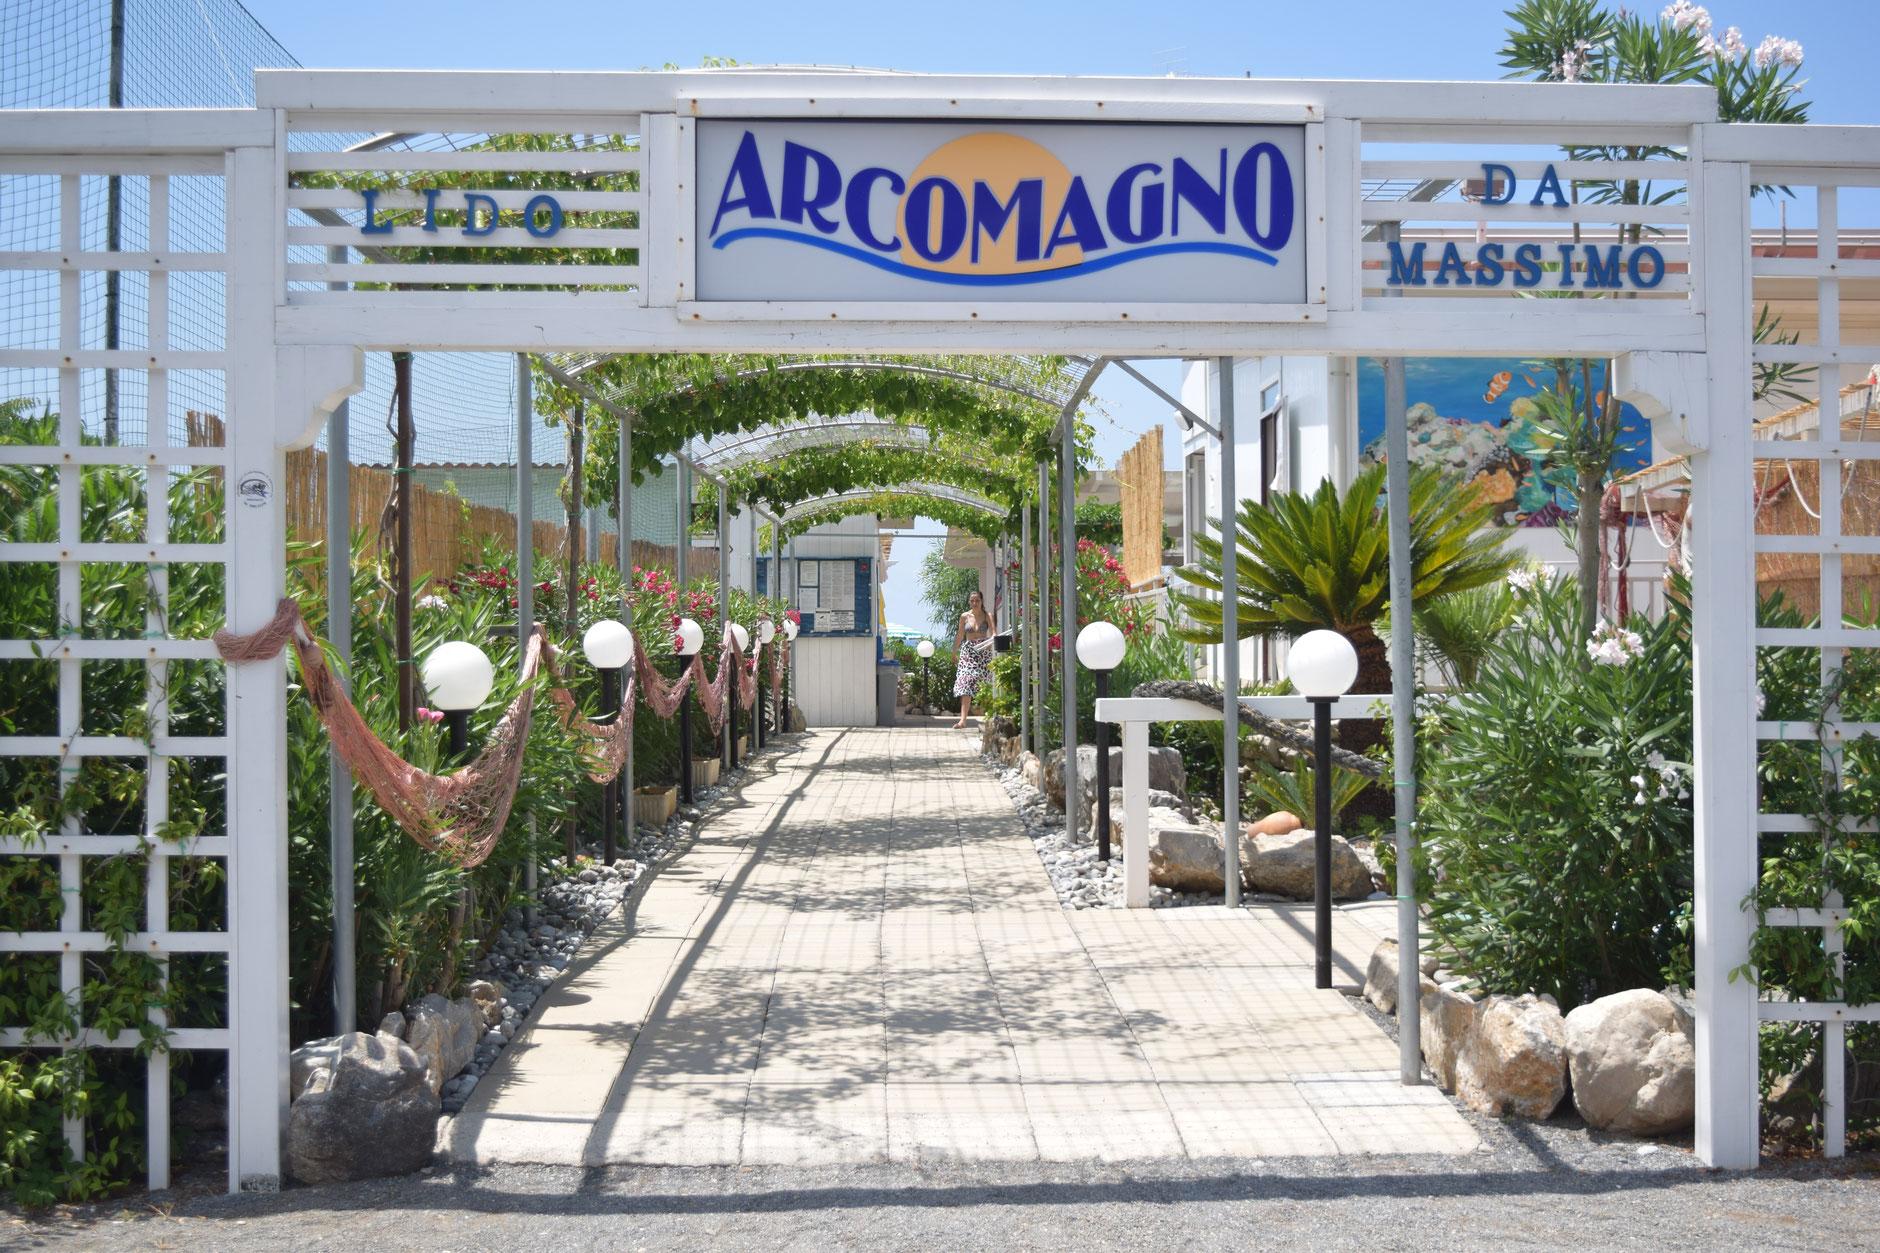 Stabilimento Balneare Ristorante Bar Arcomagno